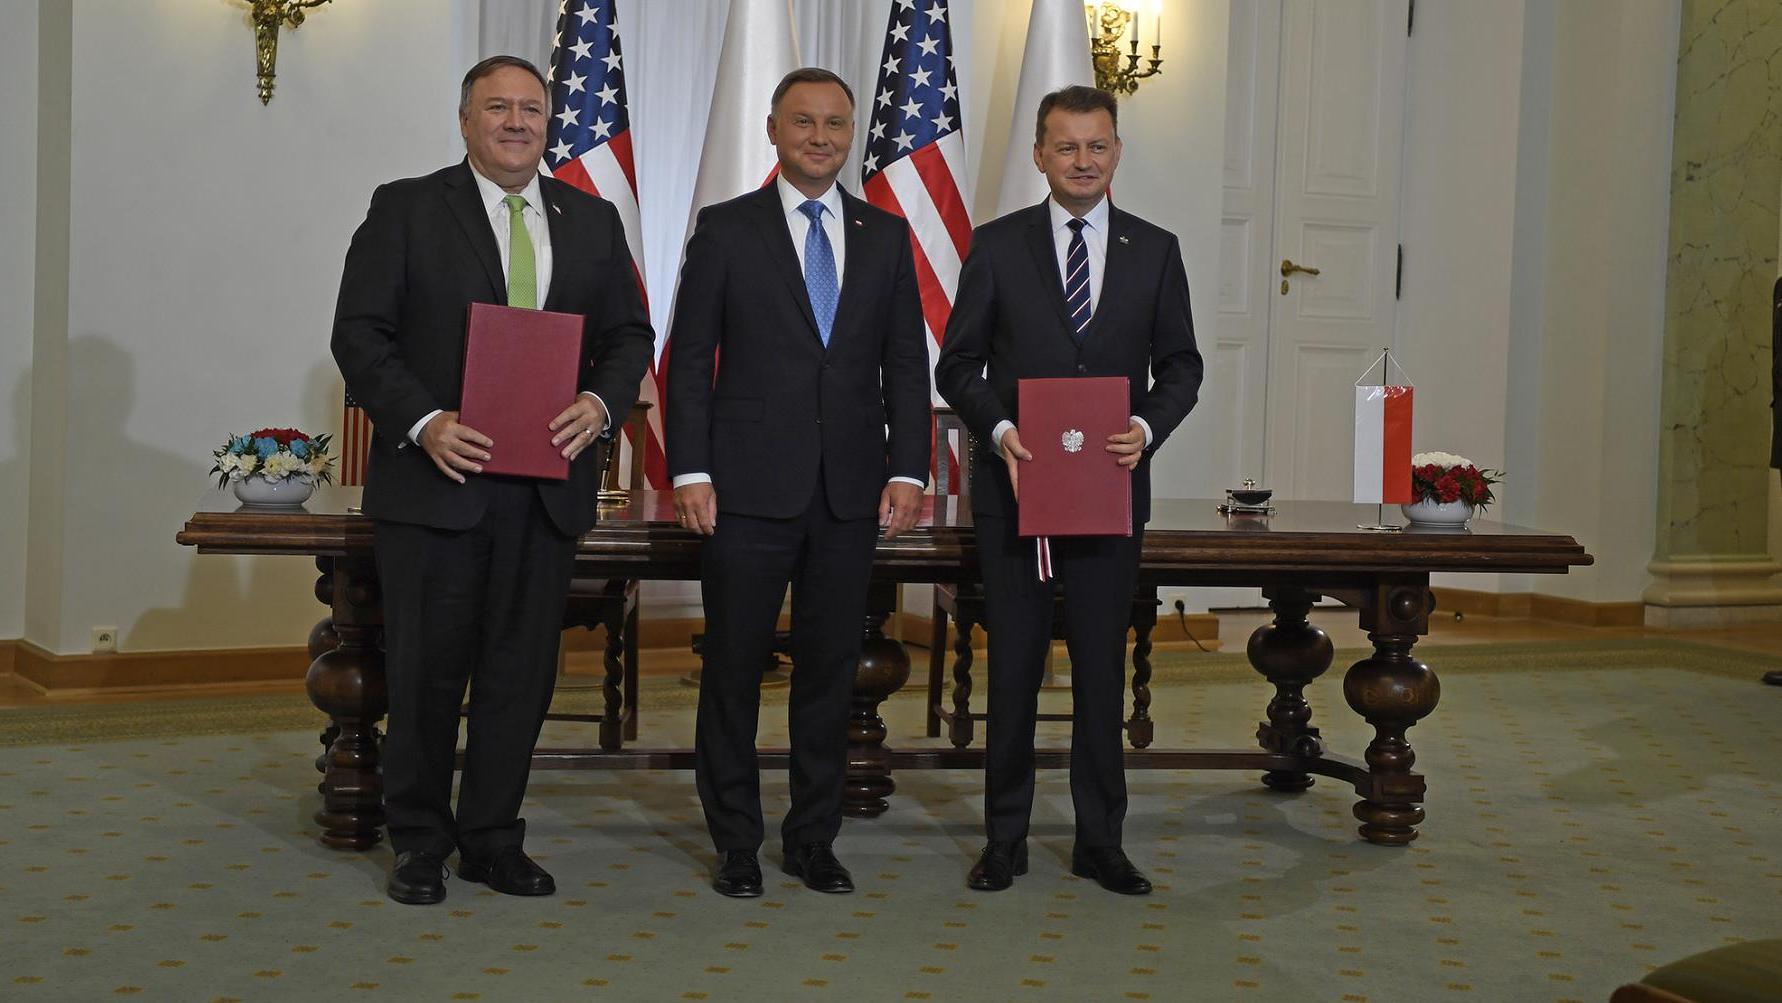 波兰吸引美军进驻代价大:花费高昂主权可能受损